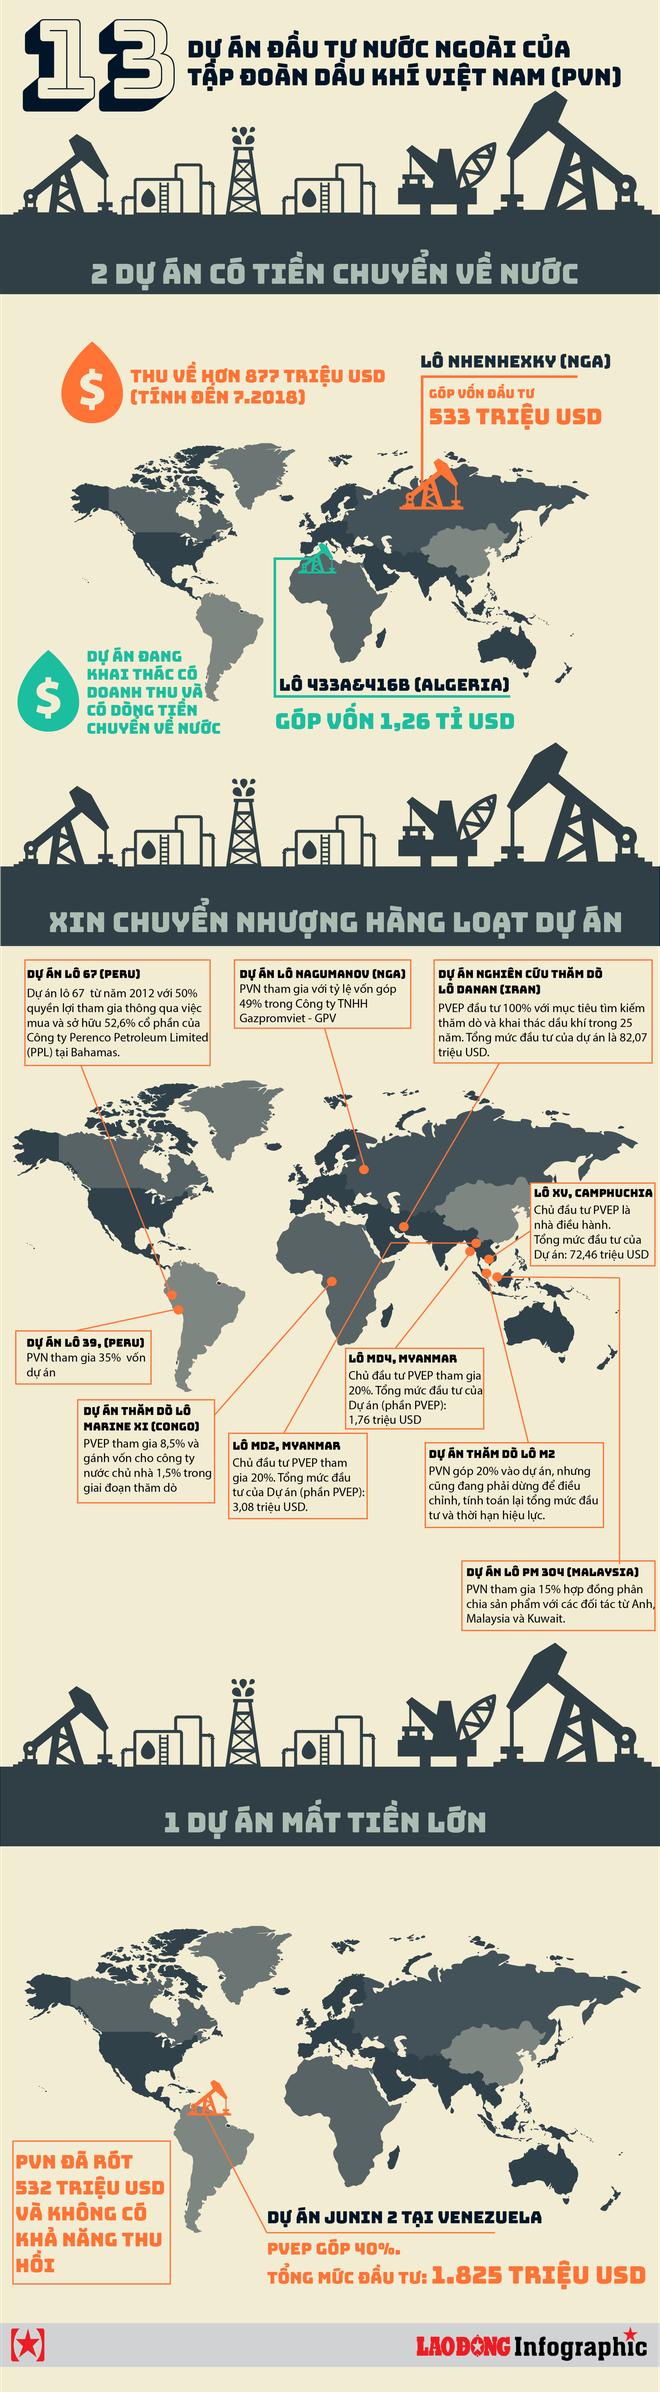 Infographic: 13 dự án đầu tư nước ngoài của Tập đoàn Dầu khí Việt Nam - Ảnh 1.